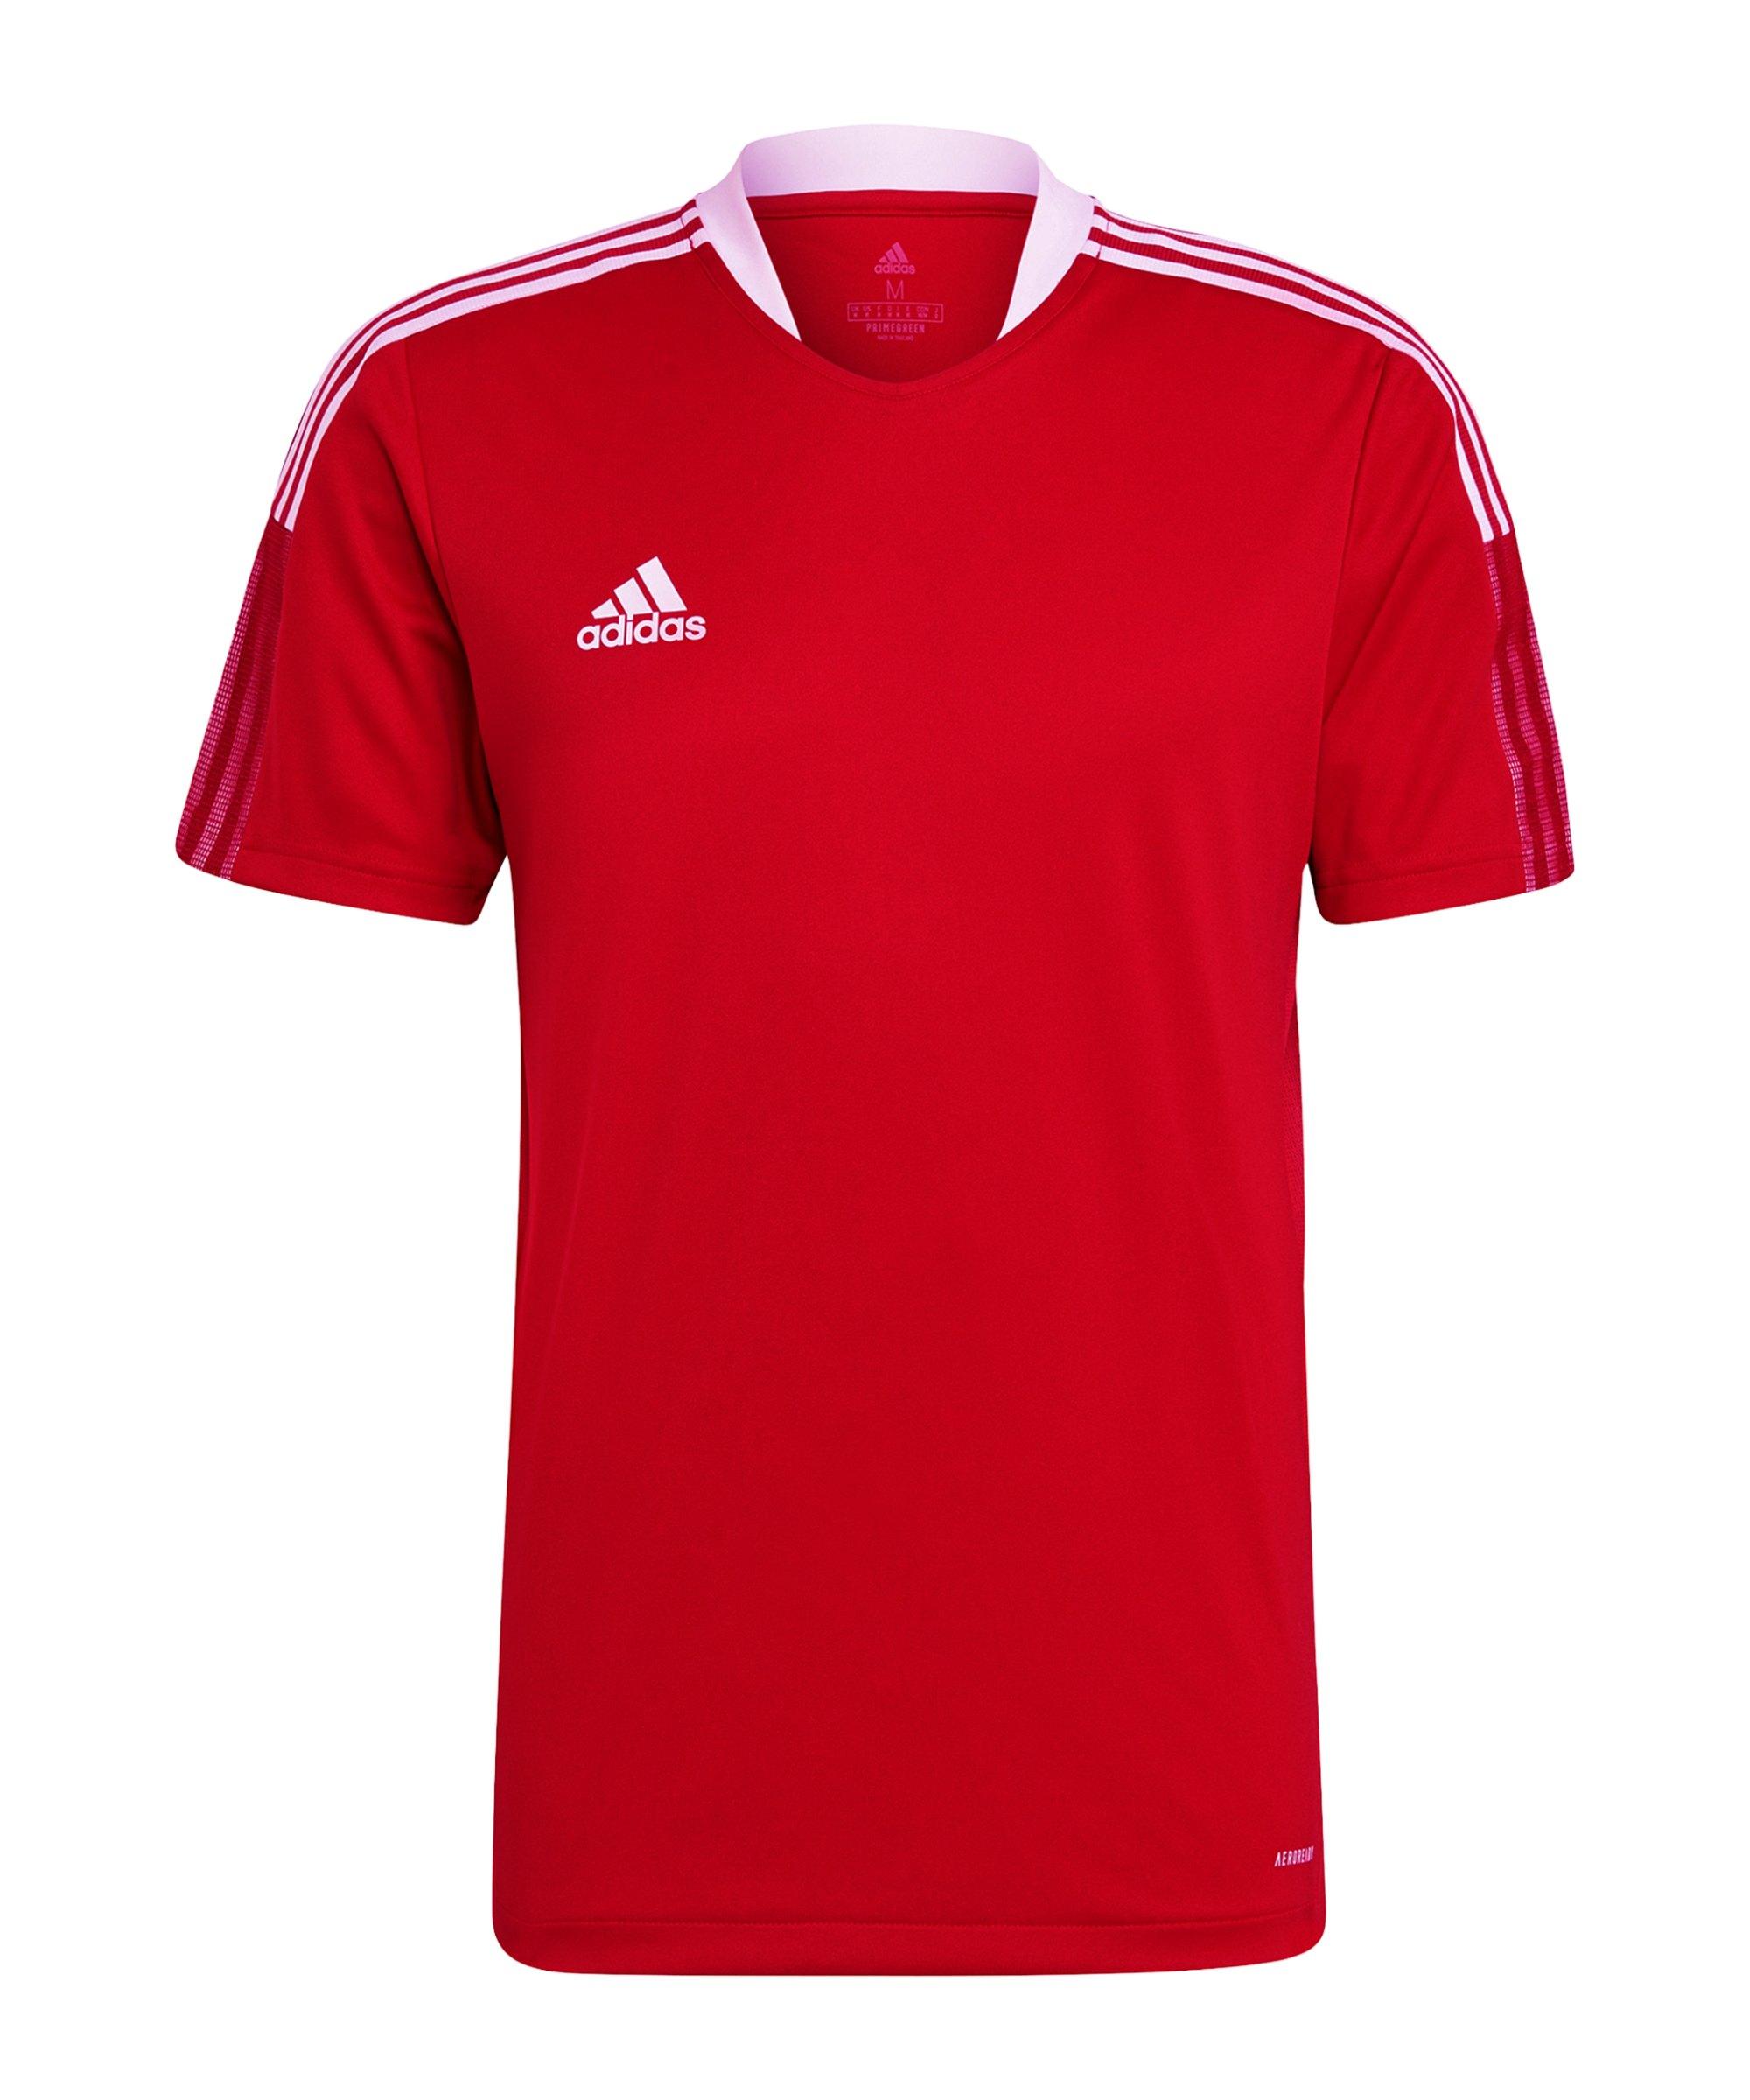 adidas Tiro 21 Trainingsshirt Rot - rot